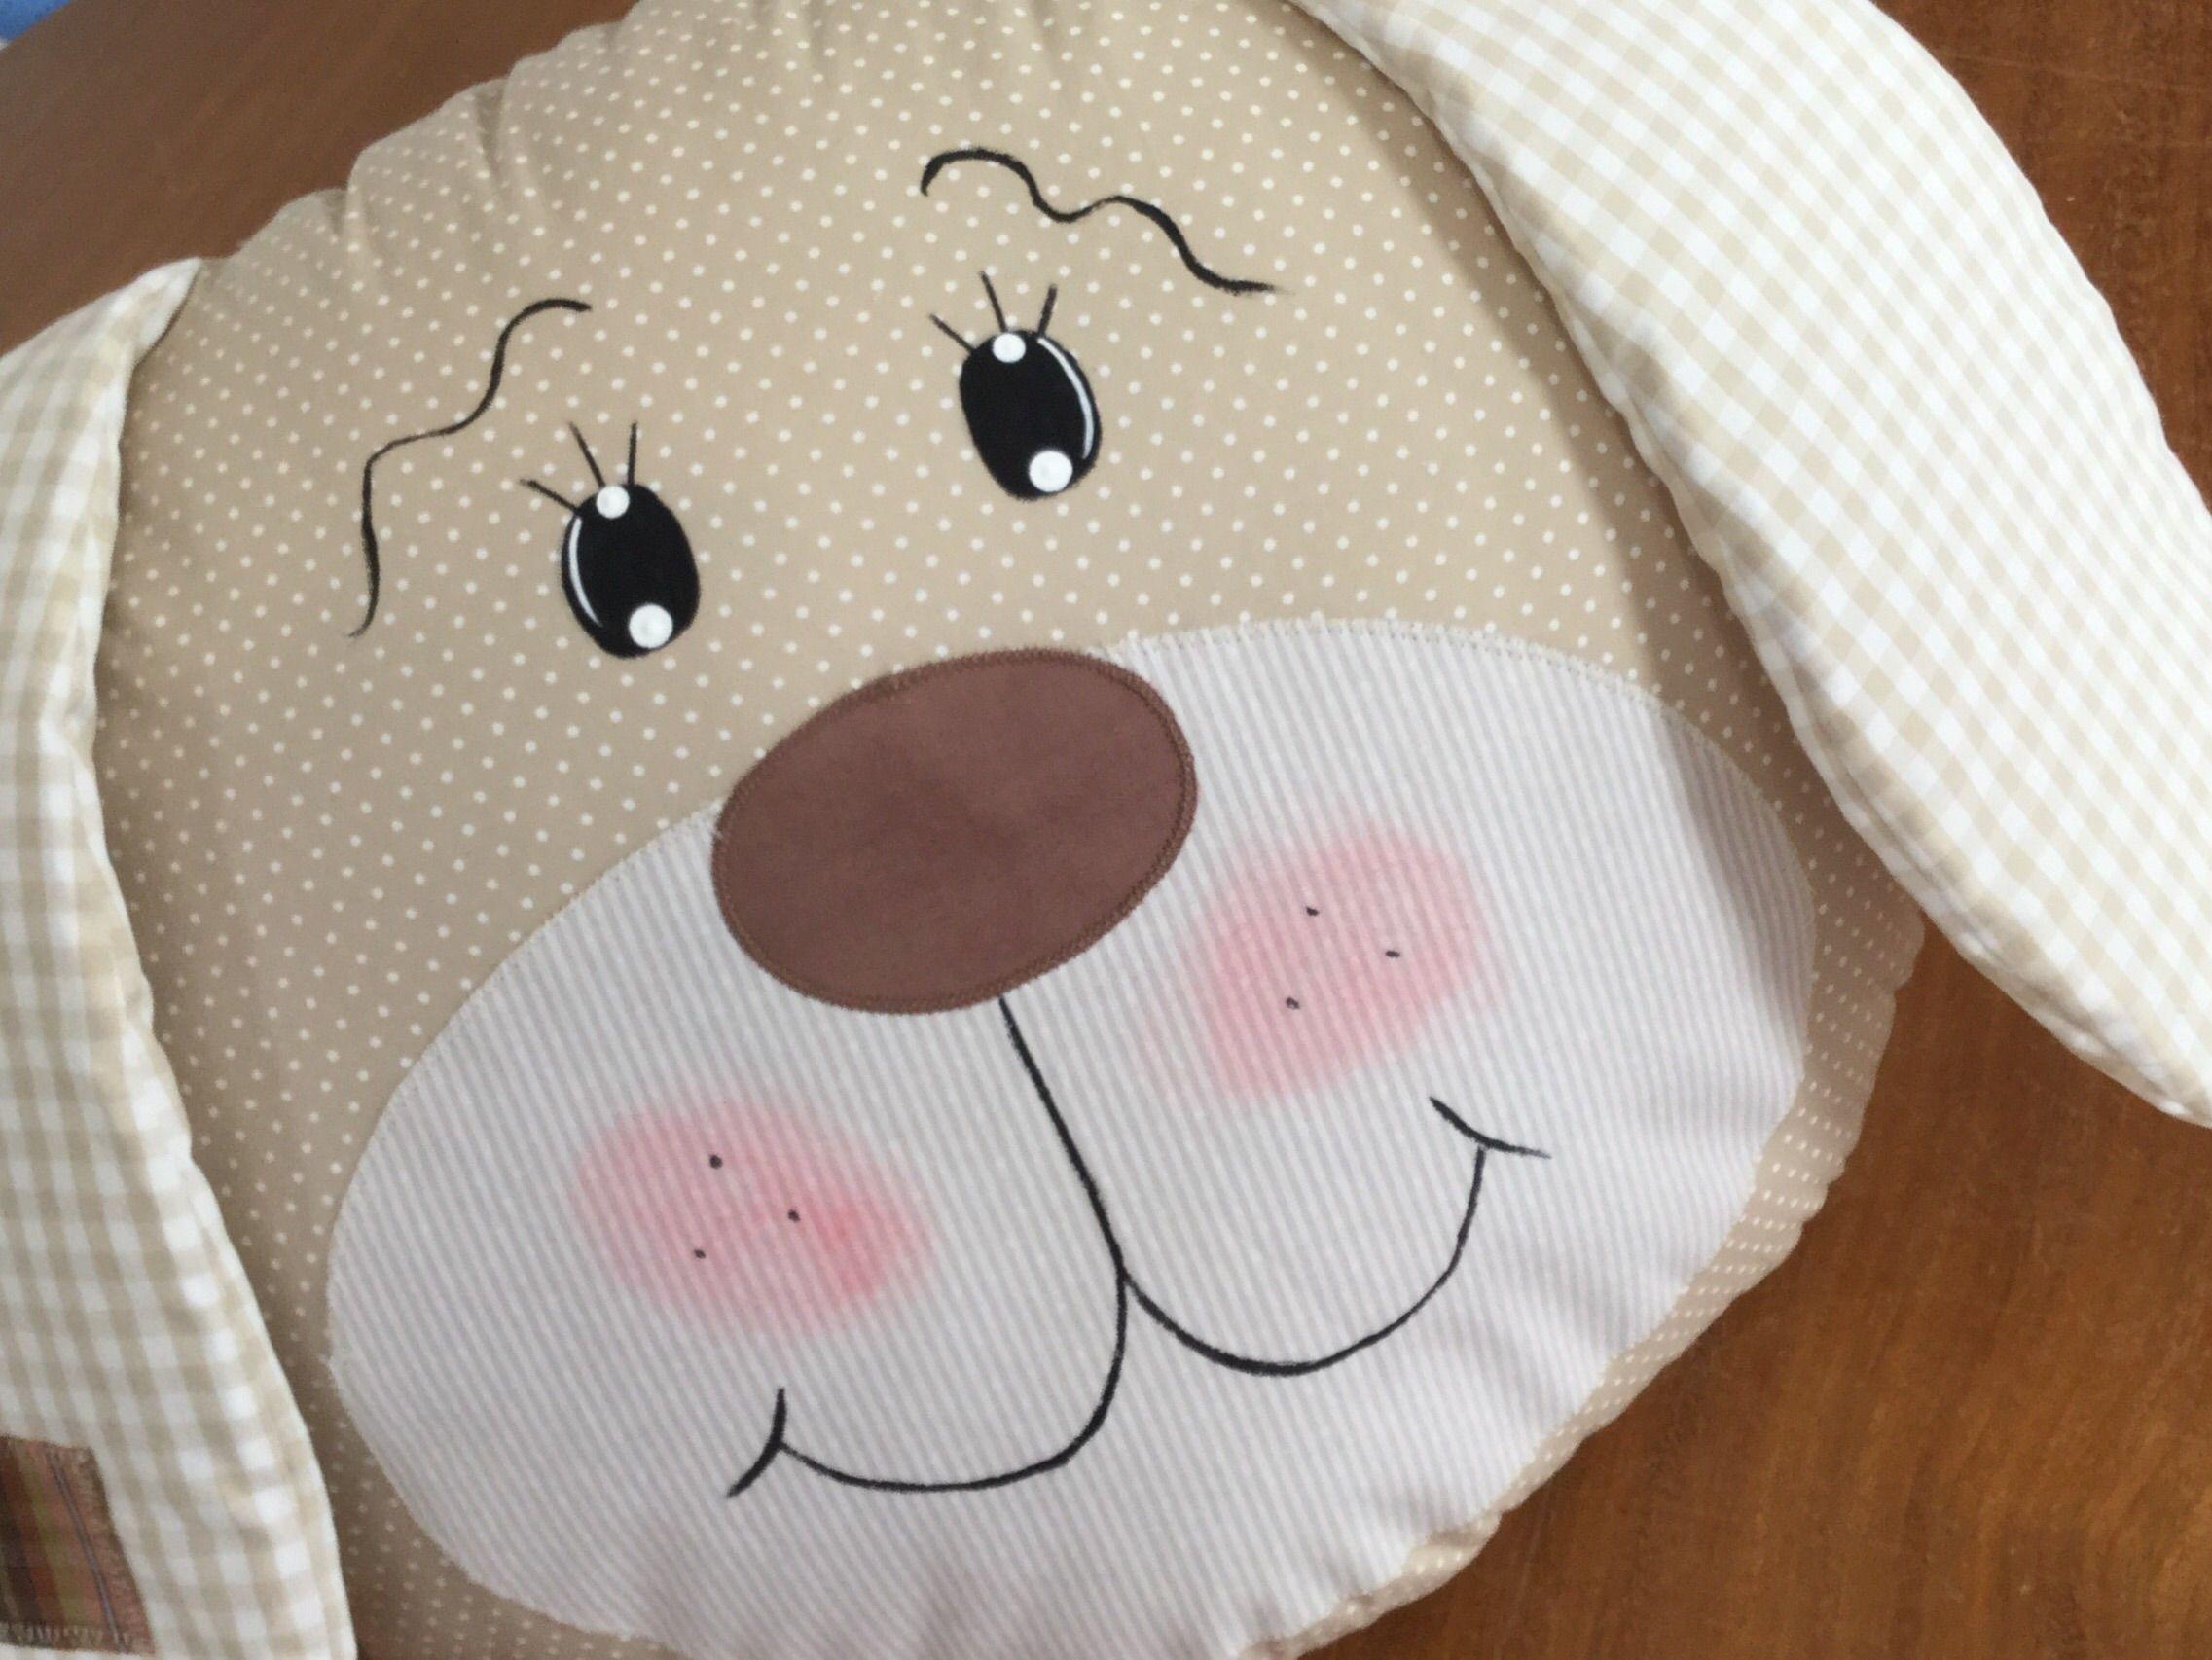 almofada com cara de cachorro - Pesquisa Google | almofada de ...